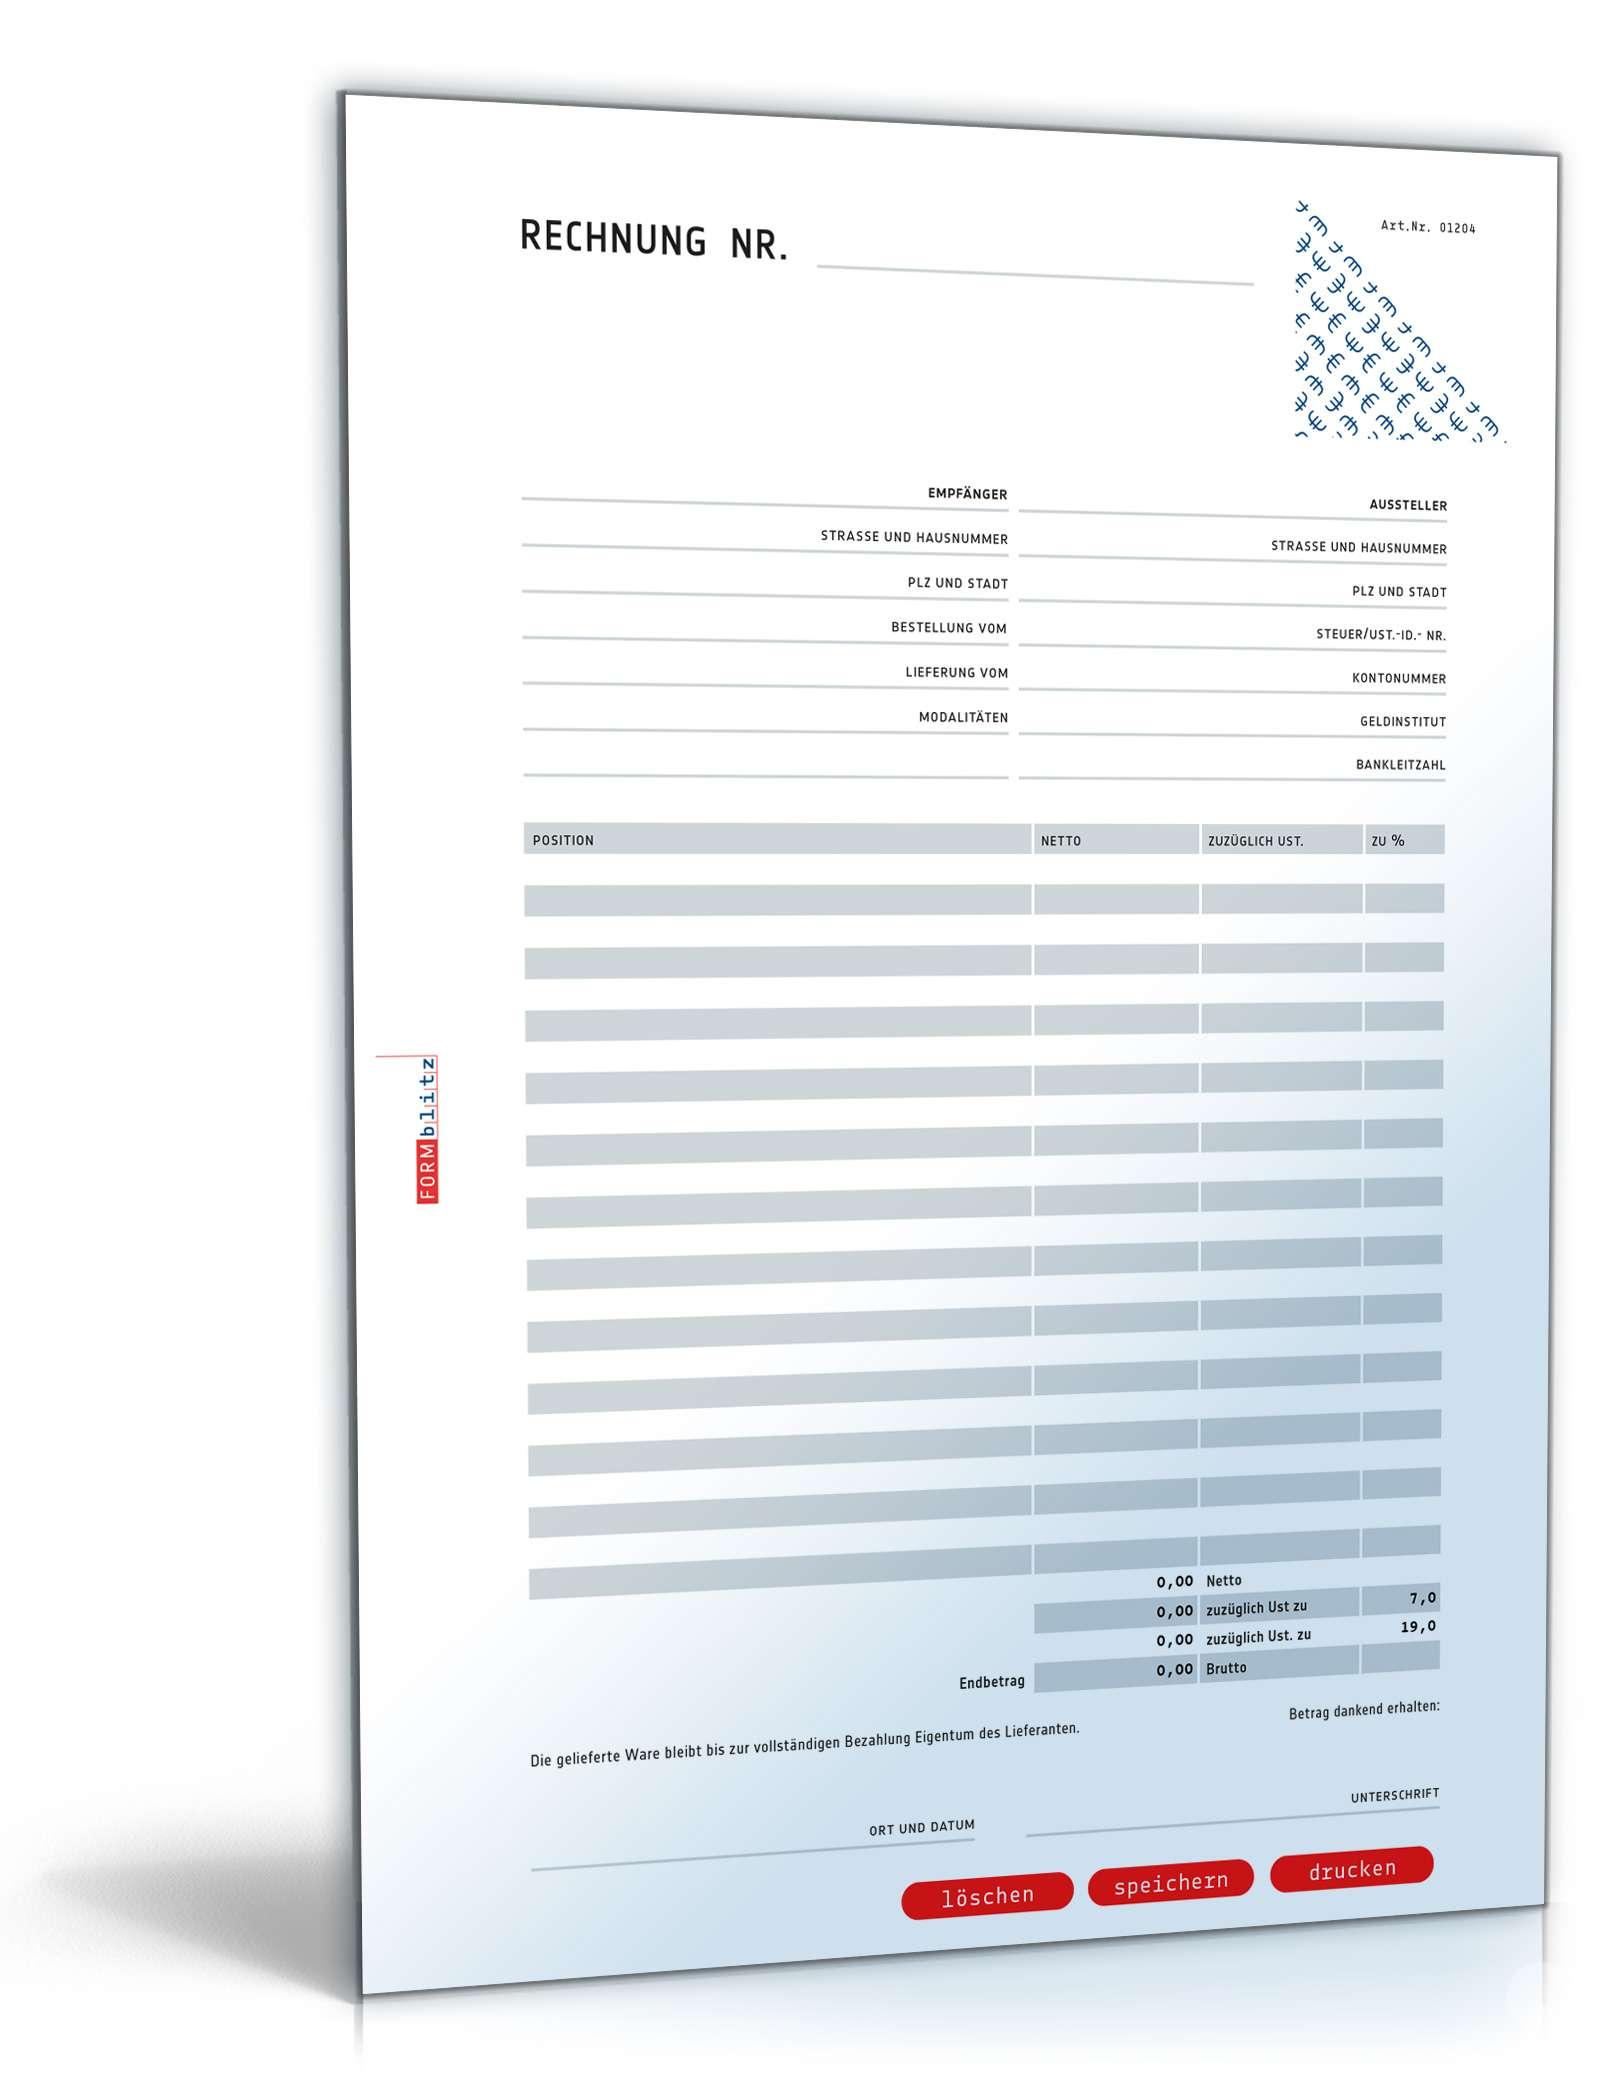 Rechnung Netto Mit Umsatzsteuer Variabel Muster Zum Download